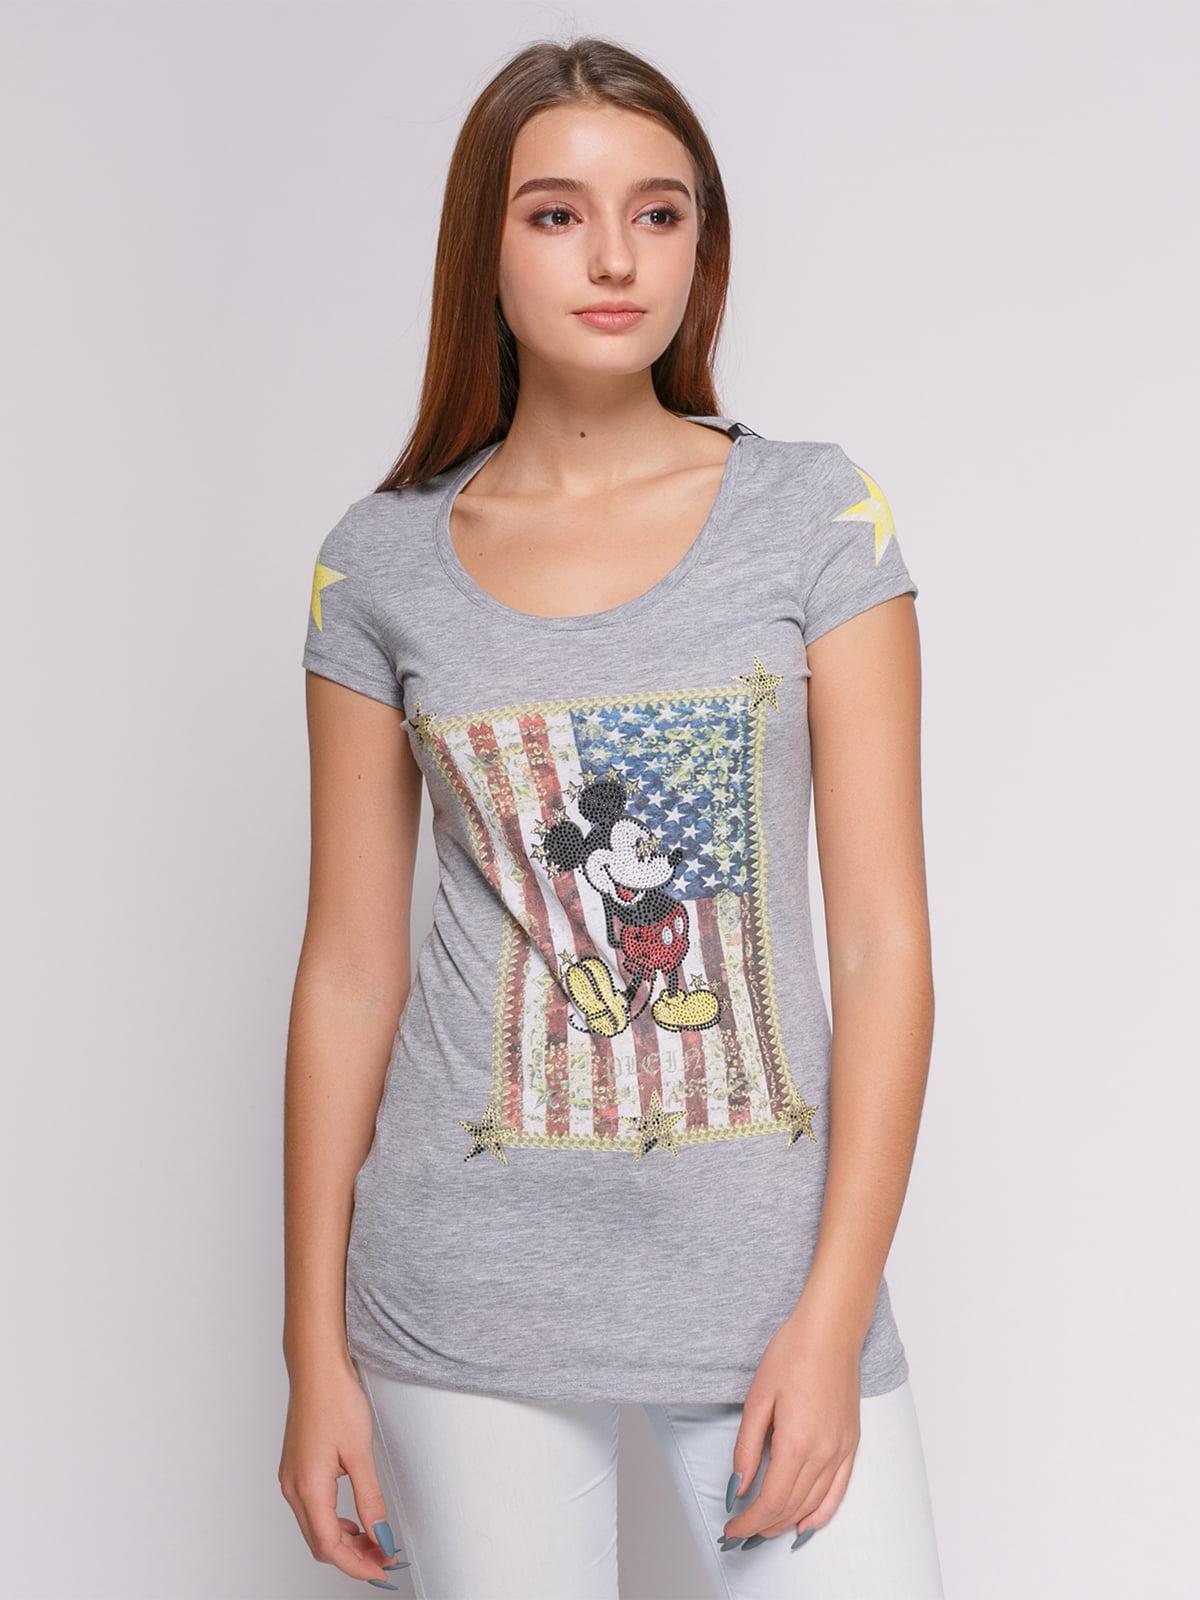 Футболка світло-сіра з американською символікою і зображенням Міккі Мауса | 434164